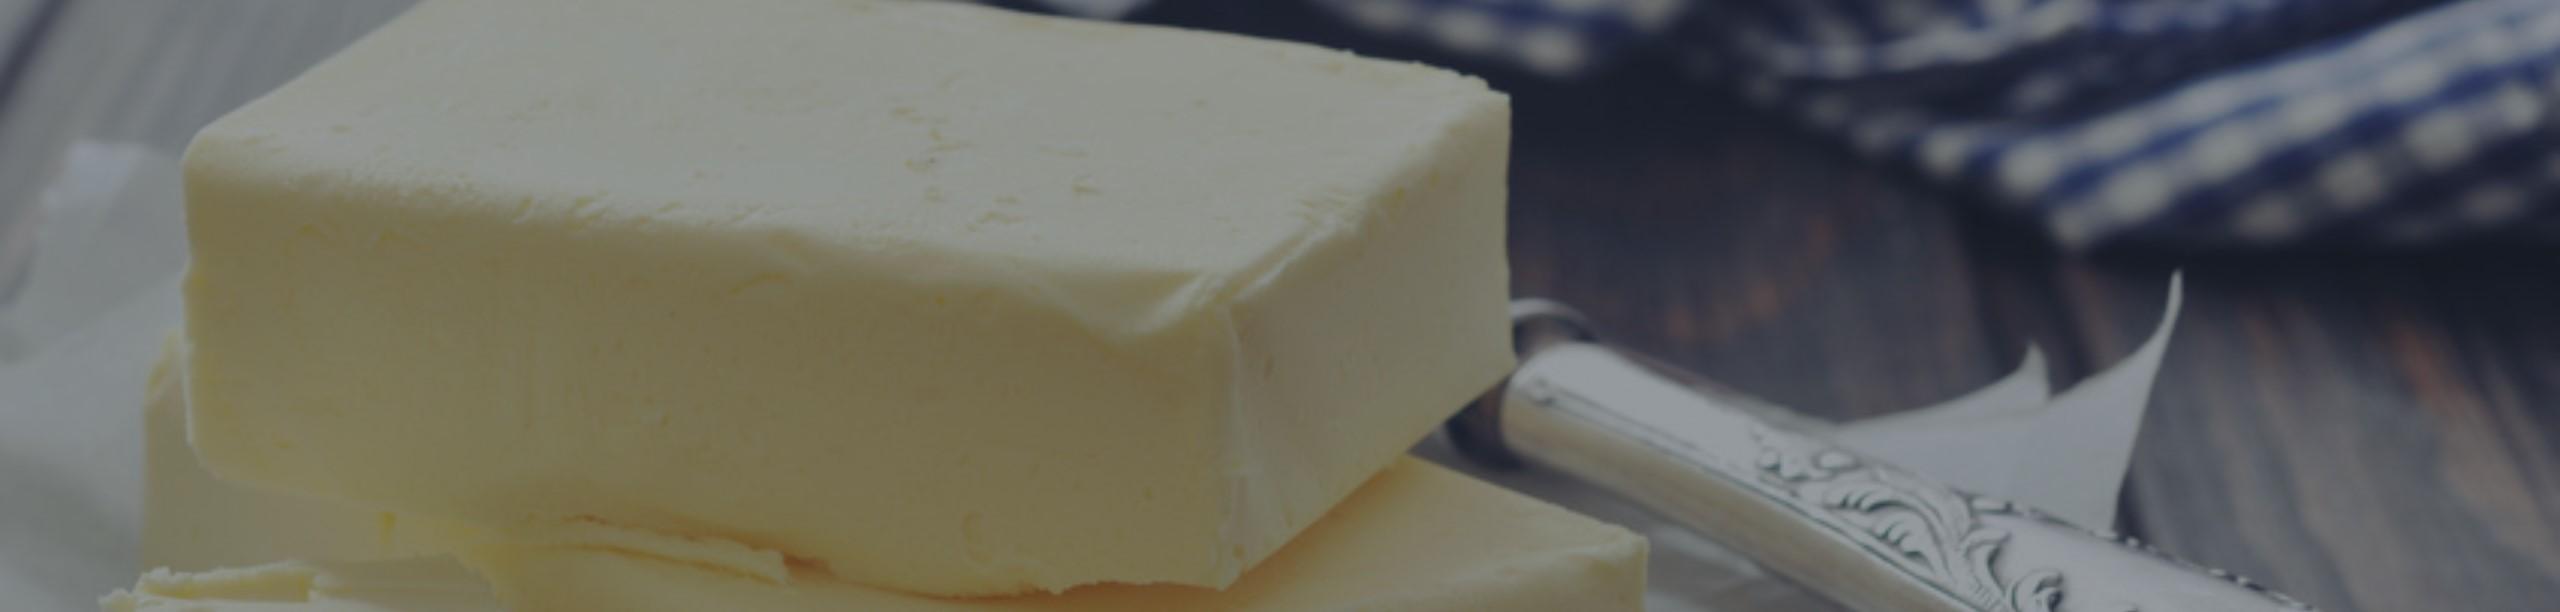 Butter1-1